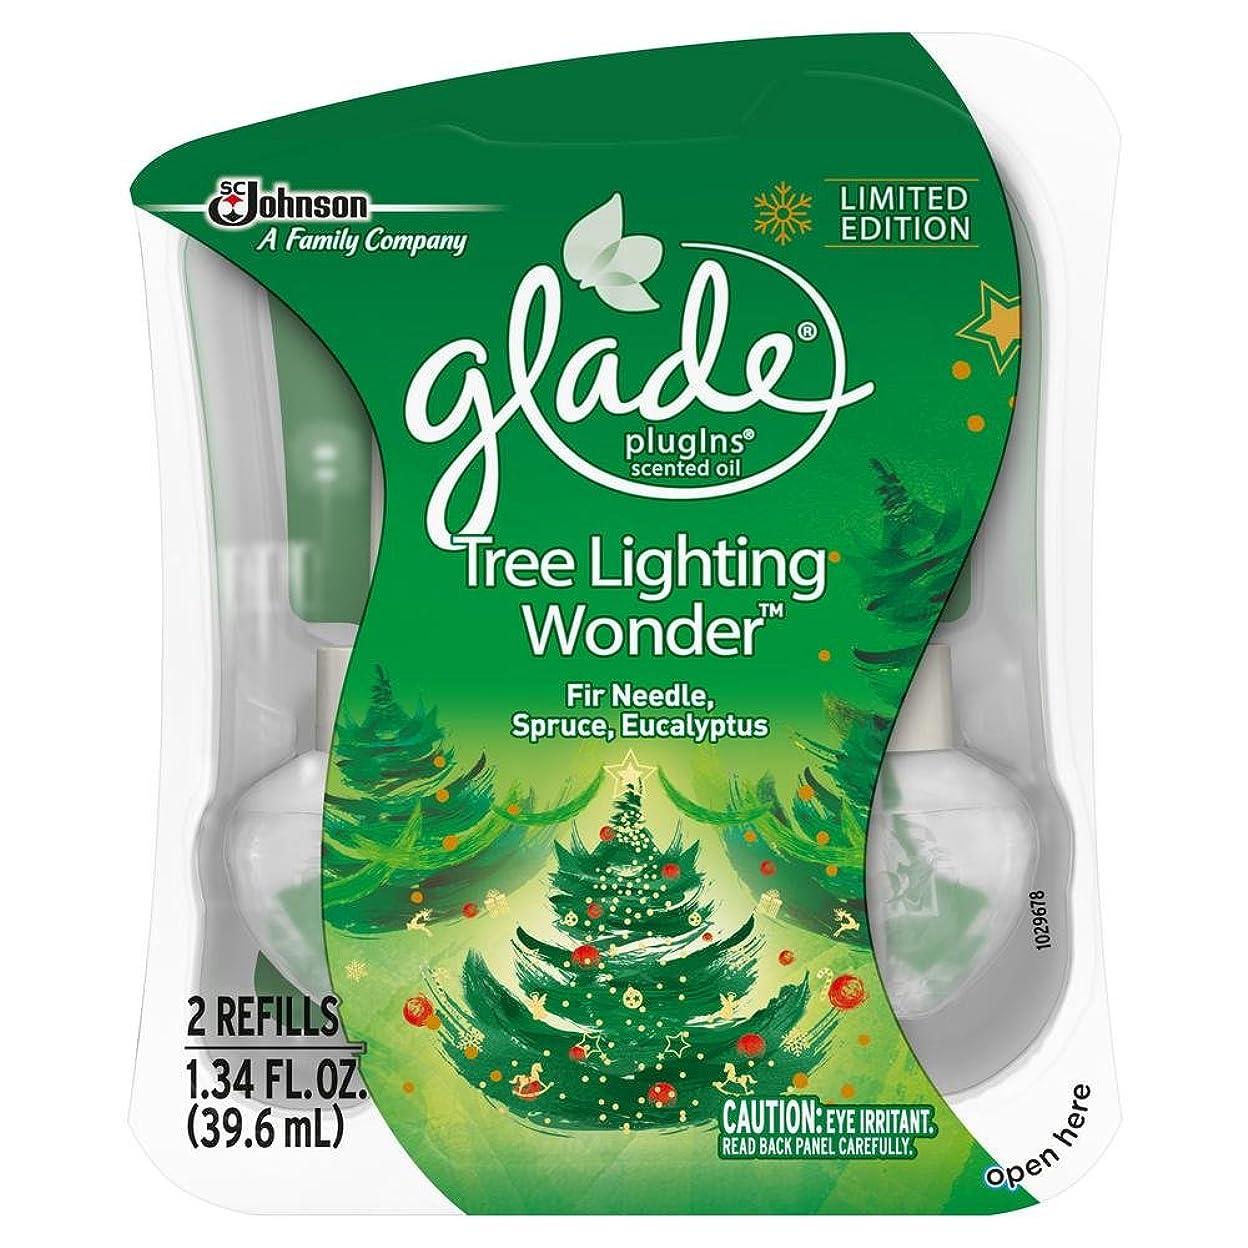 エイズ公使館うねる【glade/グレード】 プラグインオイル 詰替え用リフィル(2個入り) ツリーライティングワンダー Glade Plugins Scented Oil Tree Lighting Wonder 2 refills 1.34oz(39.6ml) [並行輸入品]